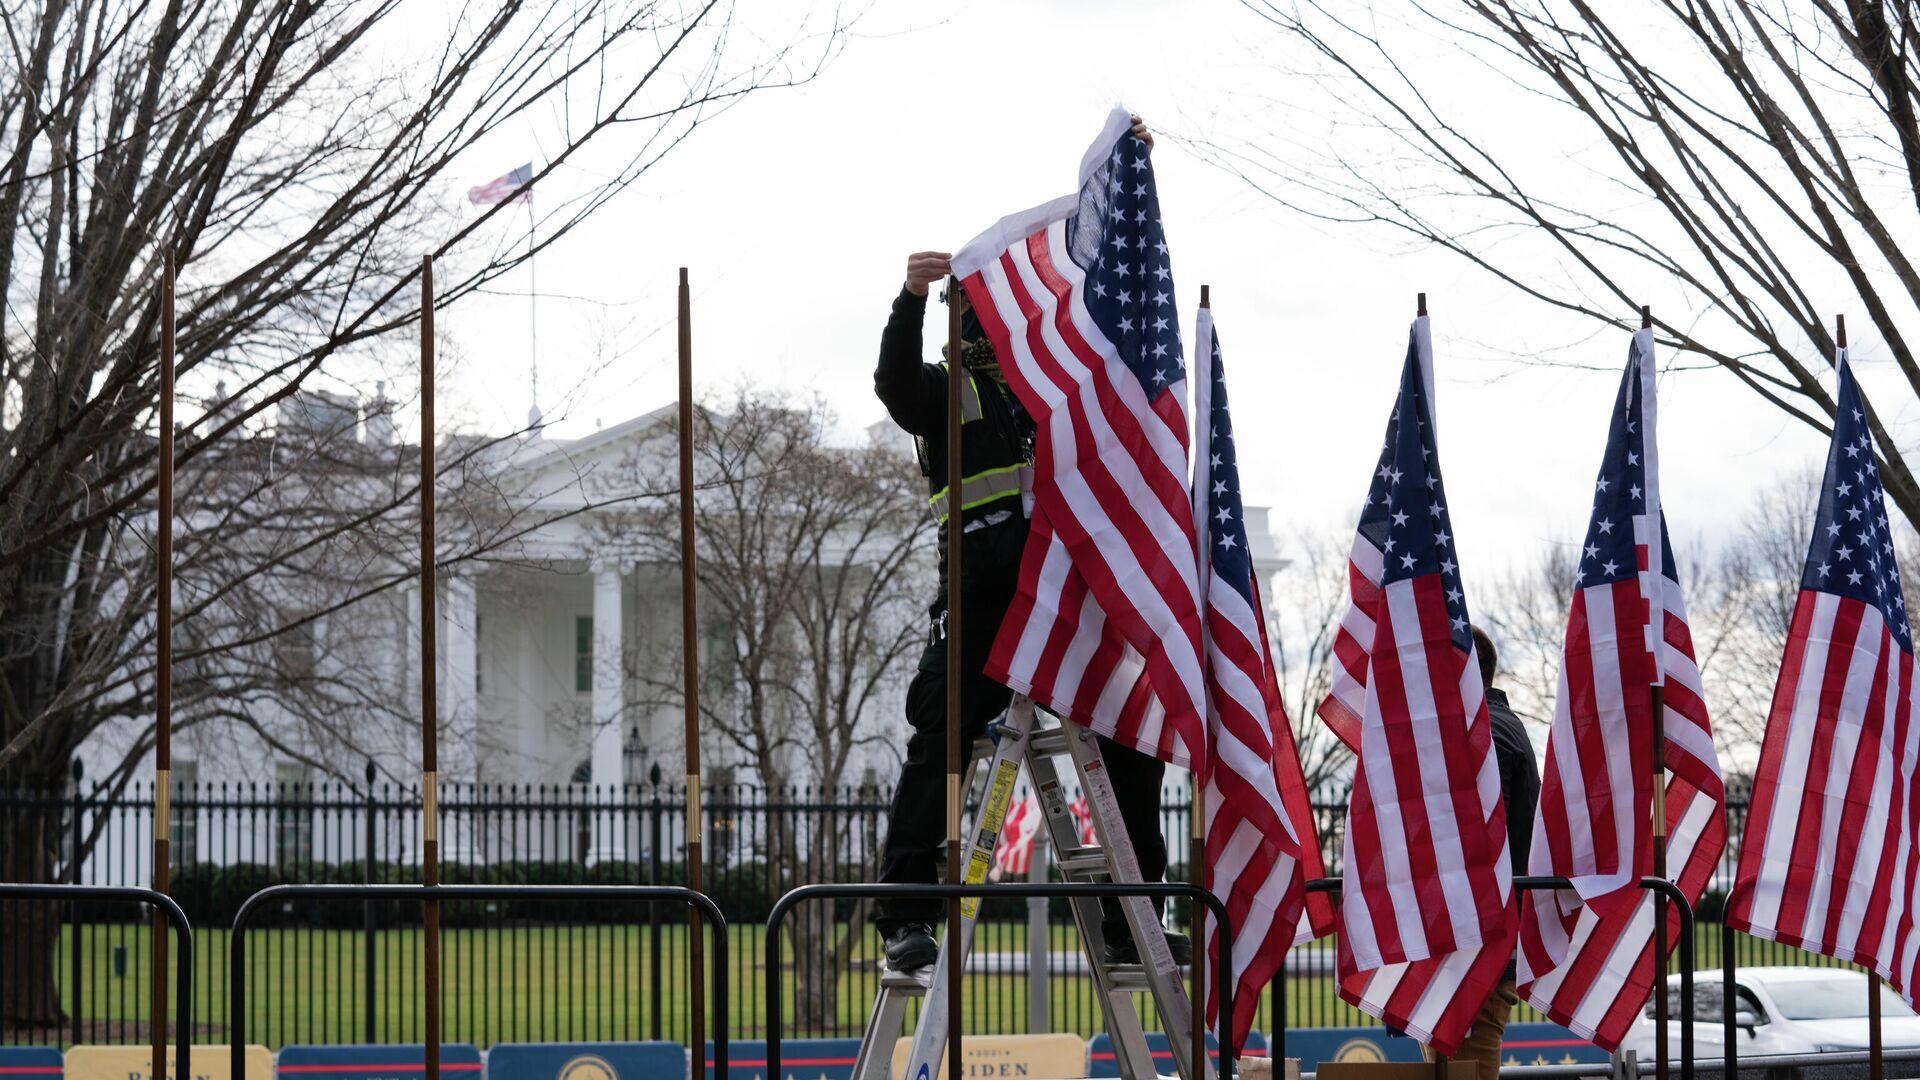 Рабочий устанавливает флаги возле Белого дома в Вашингтоне - РИА Новости, 1920, 09.04.2021